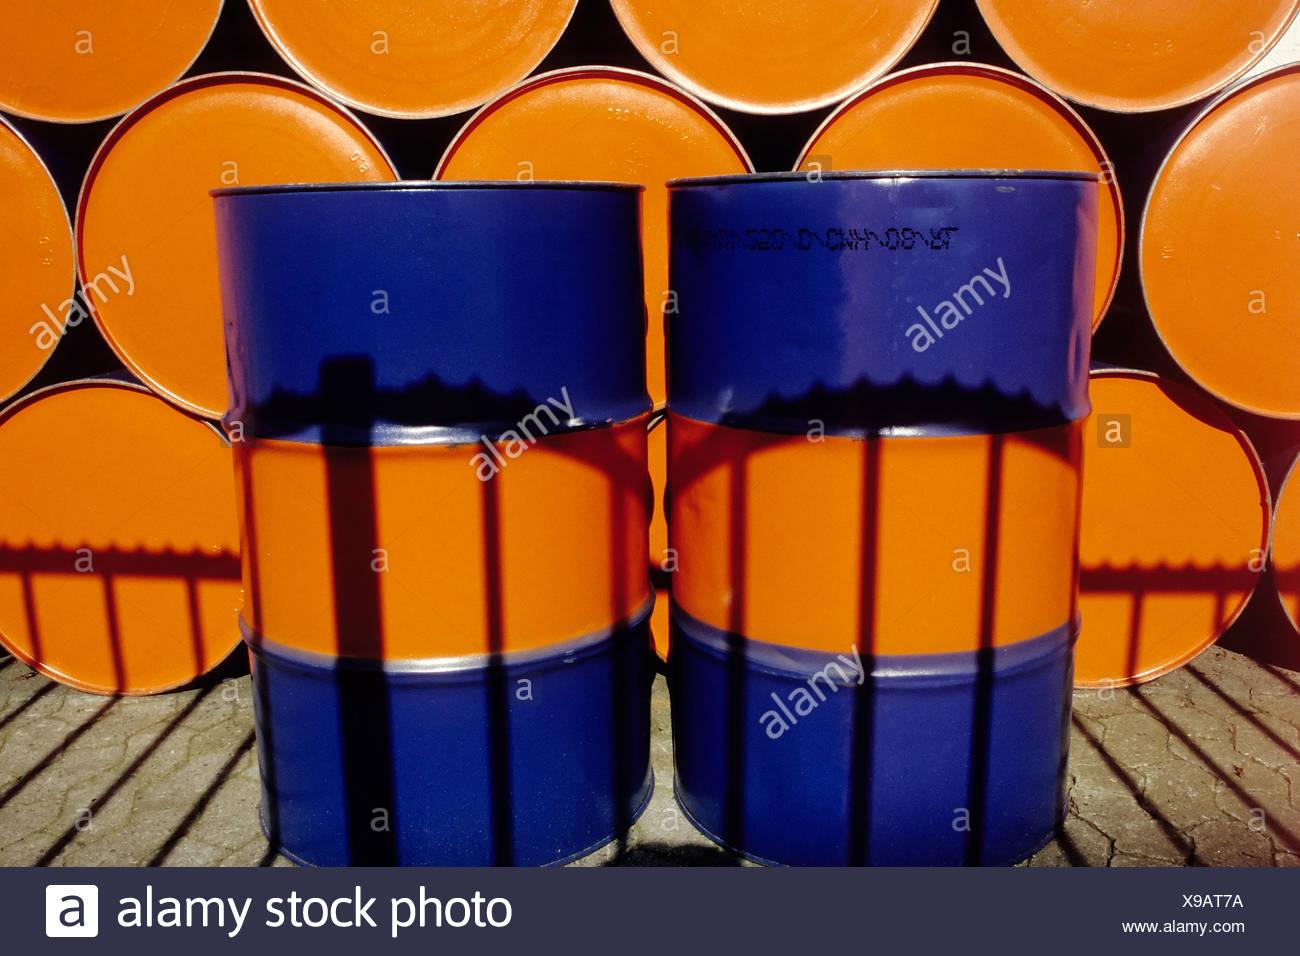 Dos bidones de aceite vertical pintado de dos colores de pie en frente de una fila de tambores de aceite apiladas Foto de stock